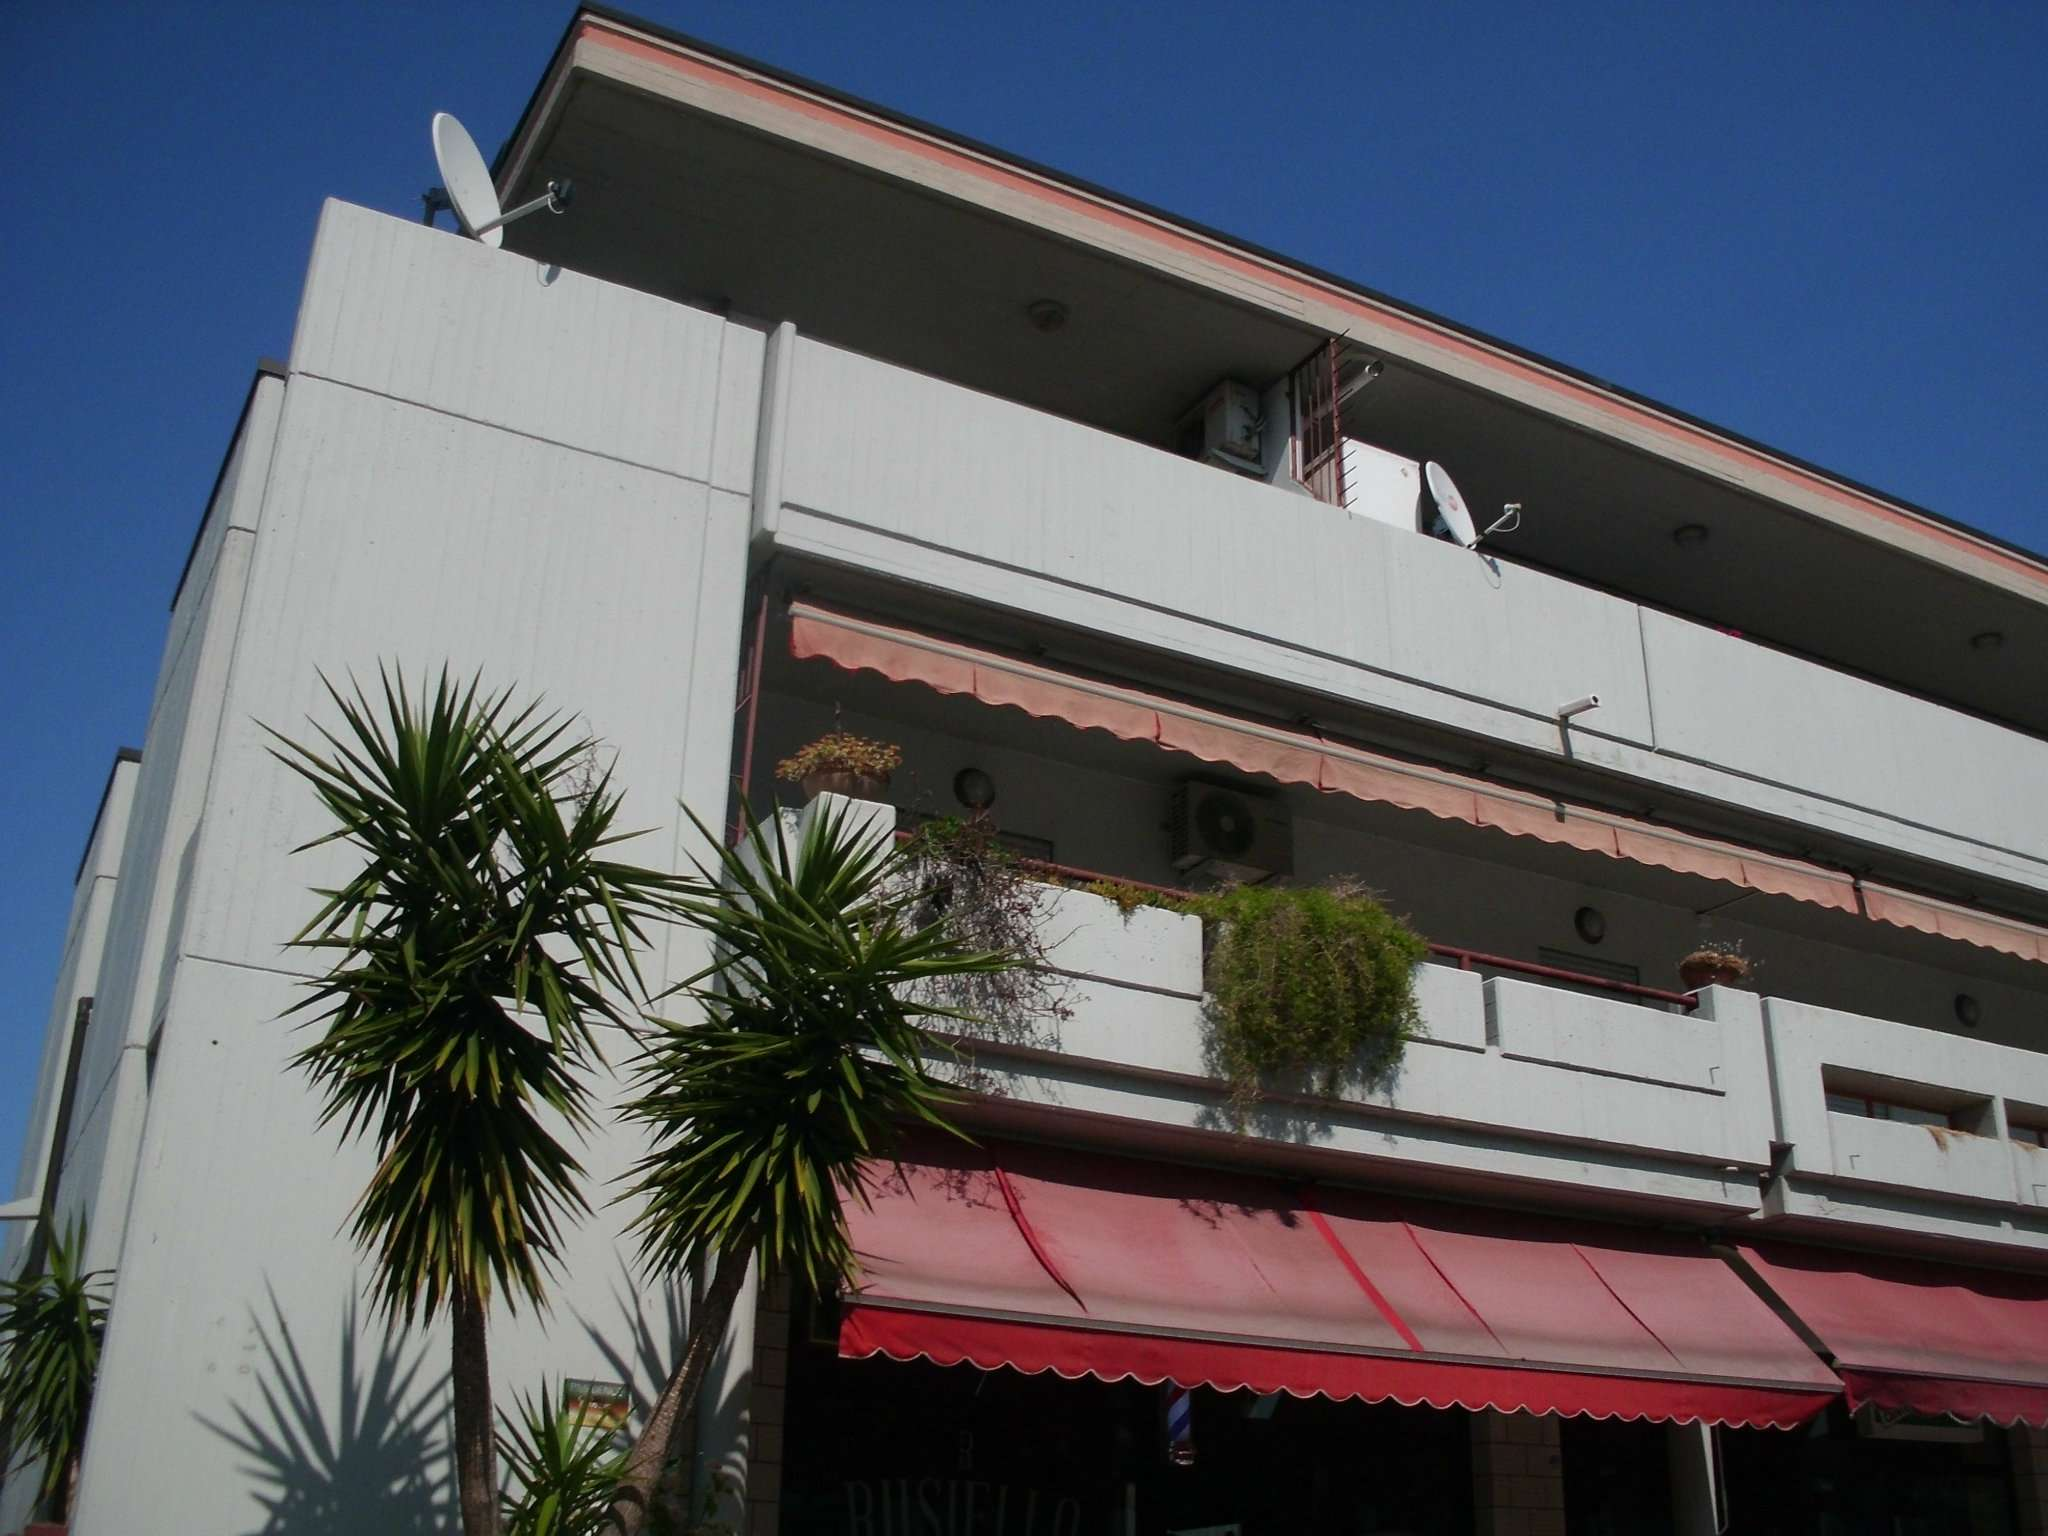 Attico / Mansarda in affitto a Montesilvano, 2 locali, prezzo € 450 | Cambio Casa.it